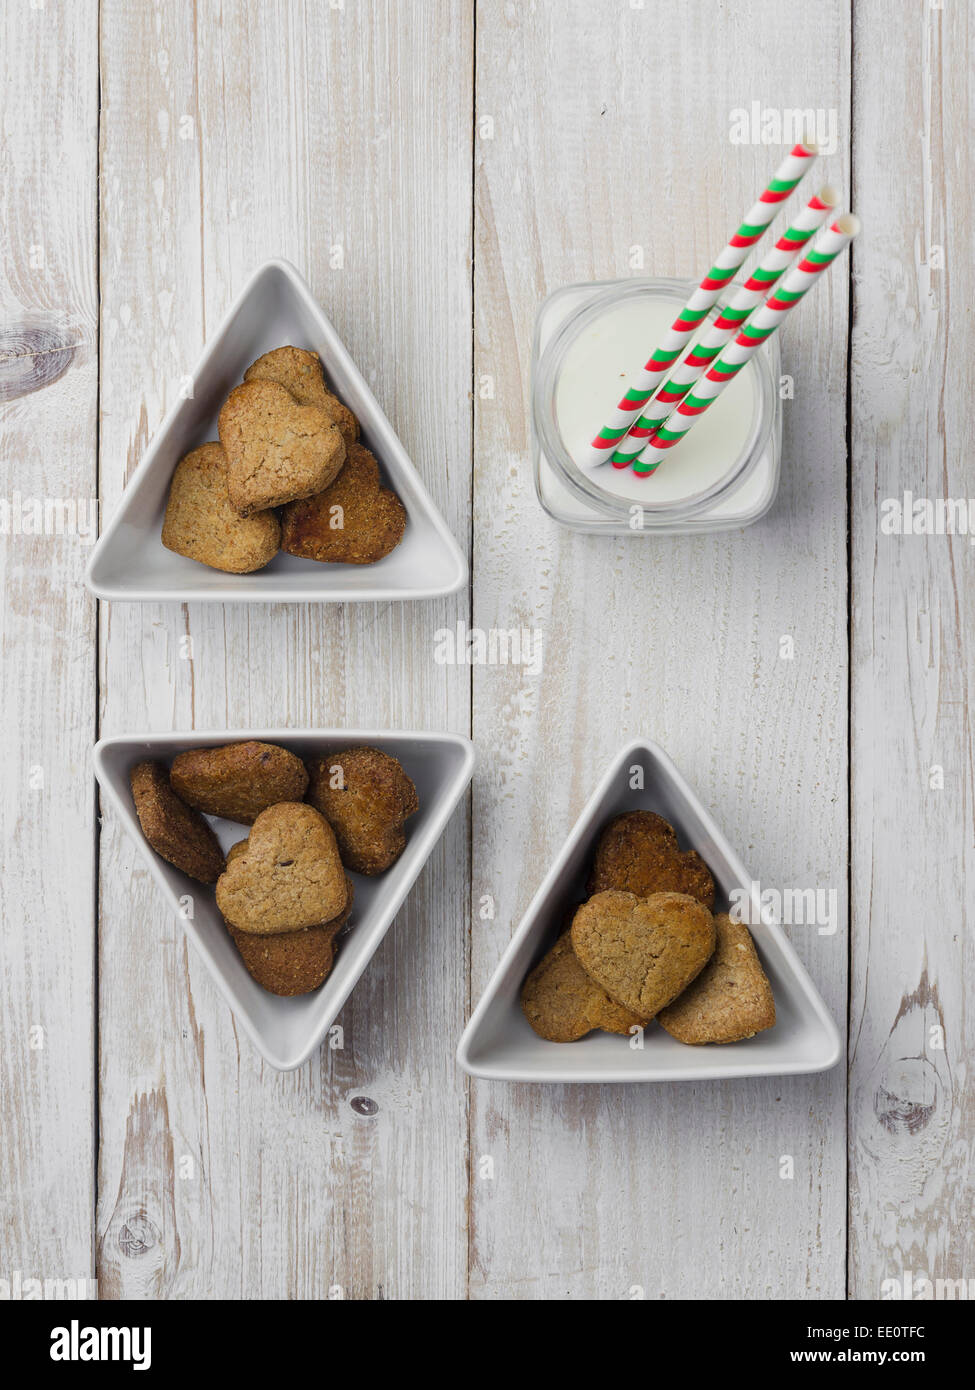 Casero de leche y galletas en forma de corazón sobre mesa de madera blanca Imagen De Stock